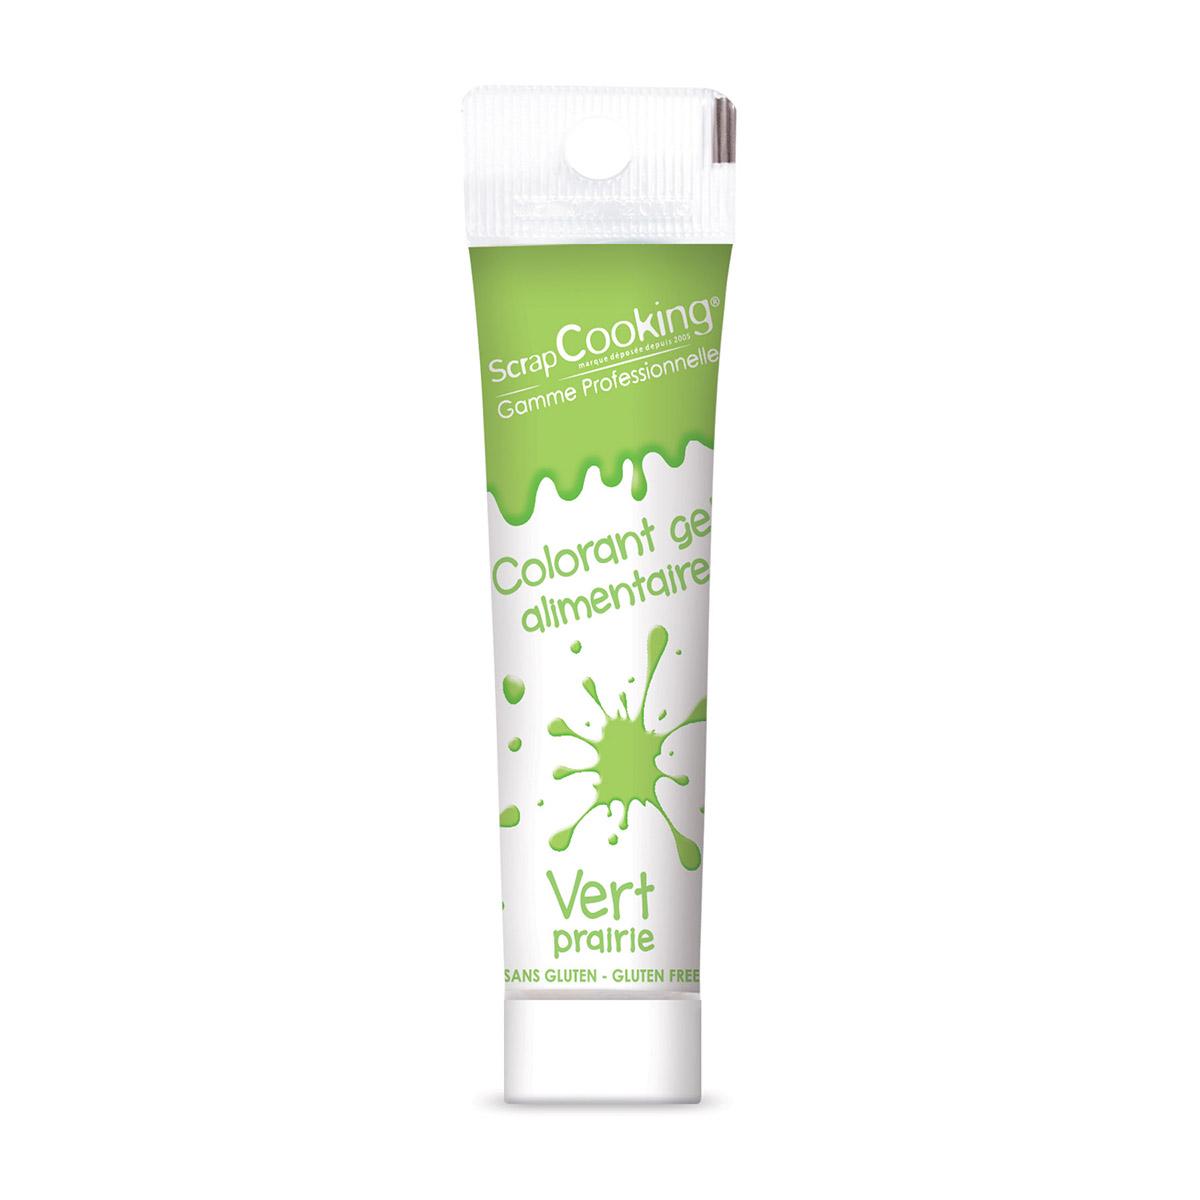 Image du produit Colorant gel vert clair 20g - Scrapcooking